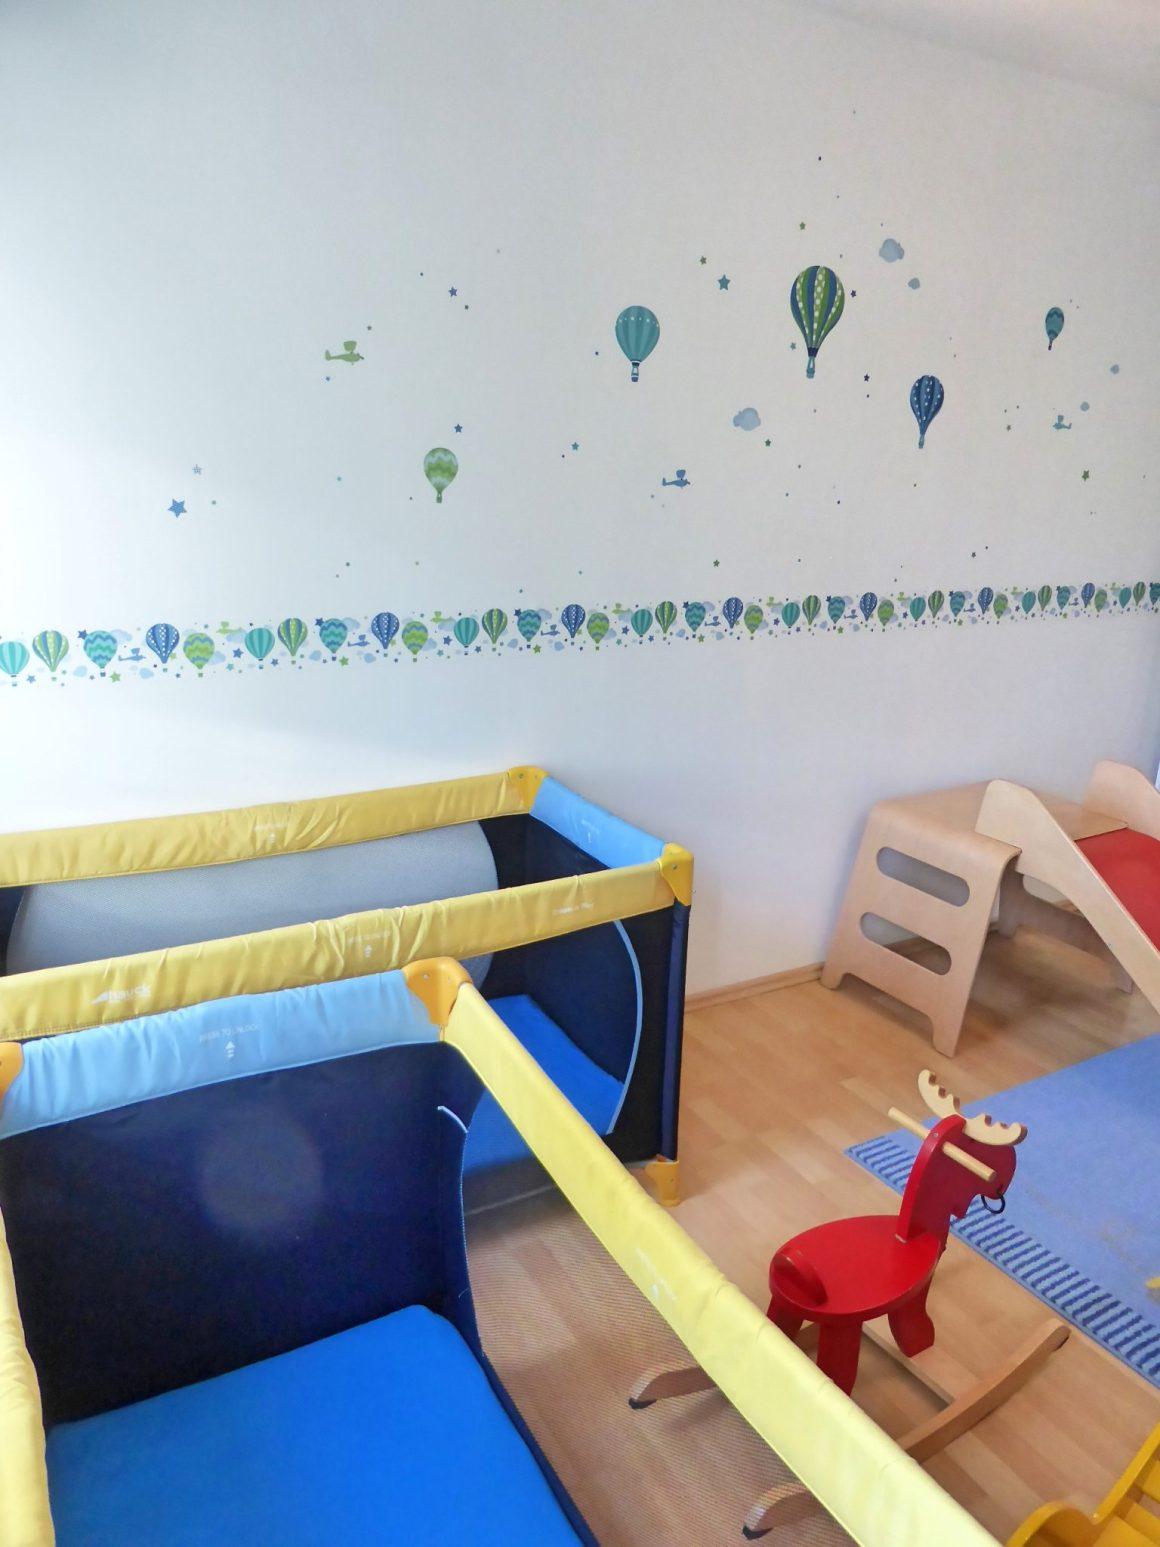 schlafzimmer-5-kita-kid-zone-kinderbetreuung